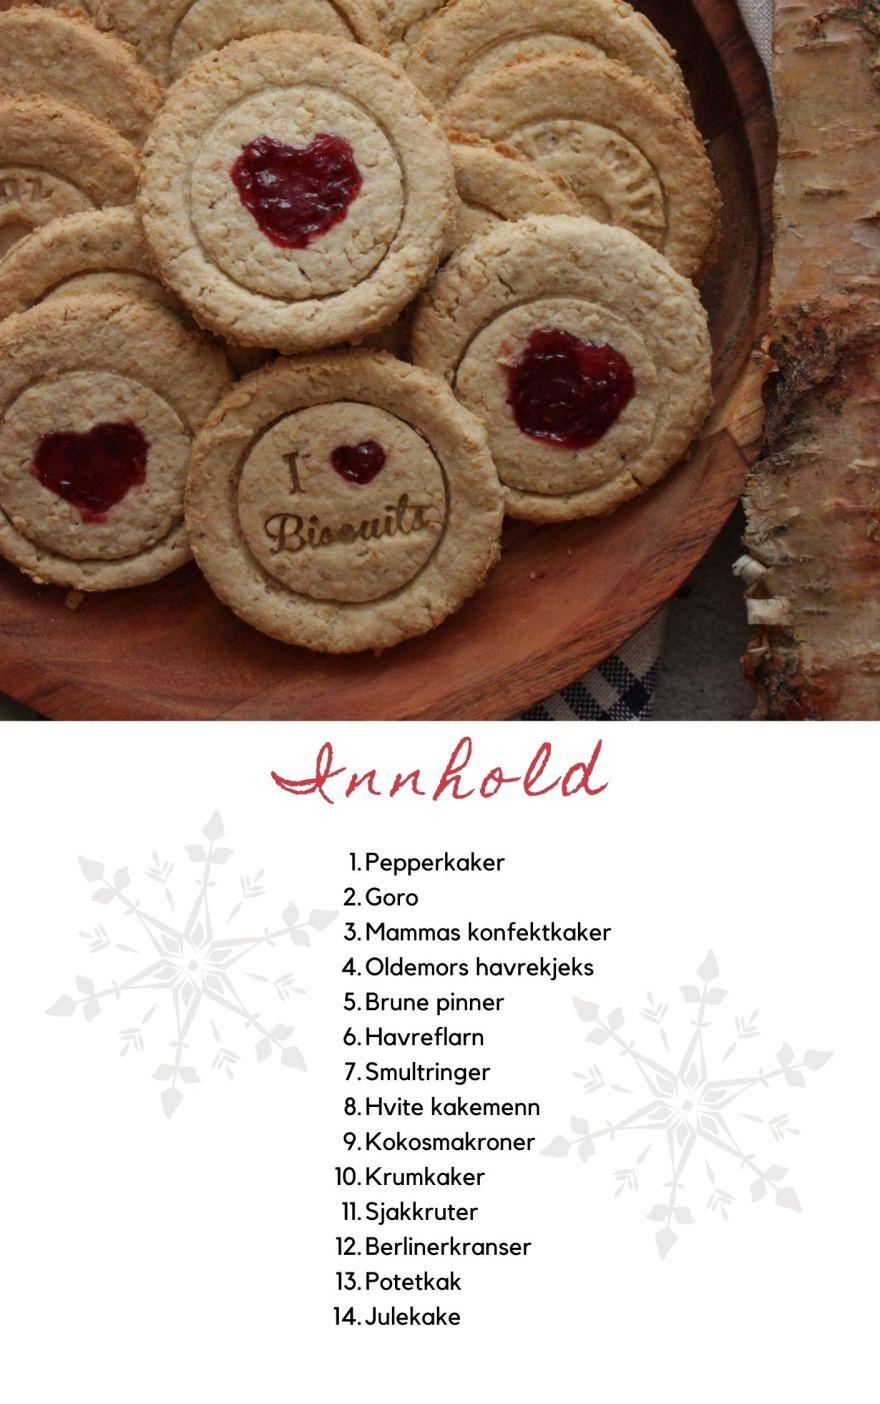 Gluten- og melkefri julebakst